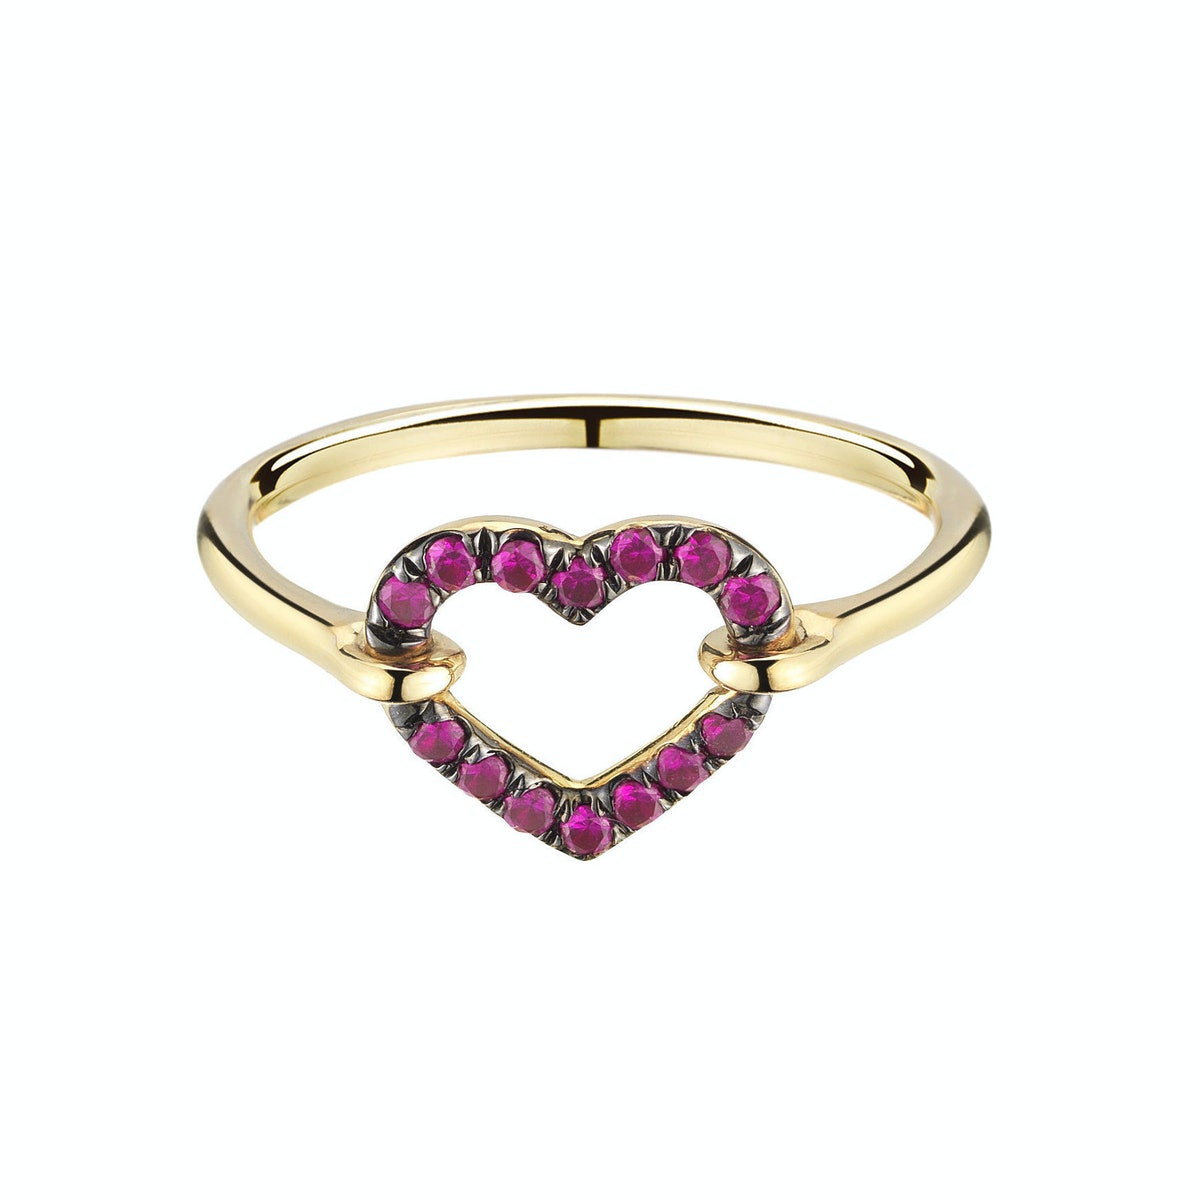 Finn-Open-Heart-Ruby-Ring,-$1,300,-at-finnjewelry.com